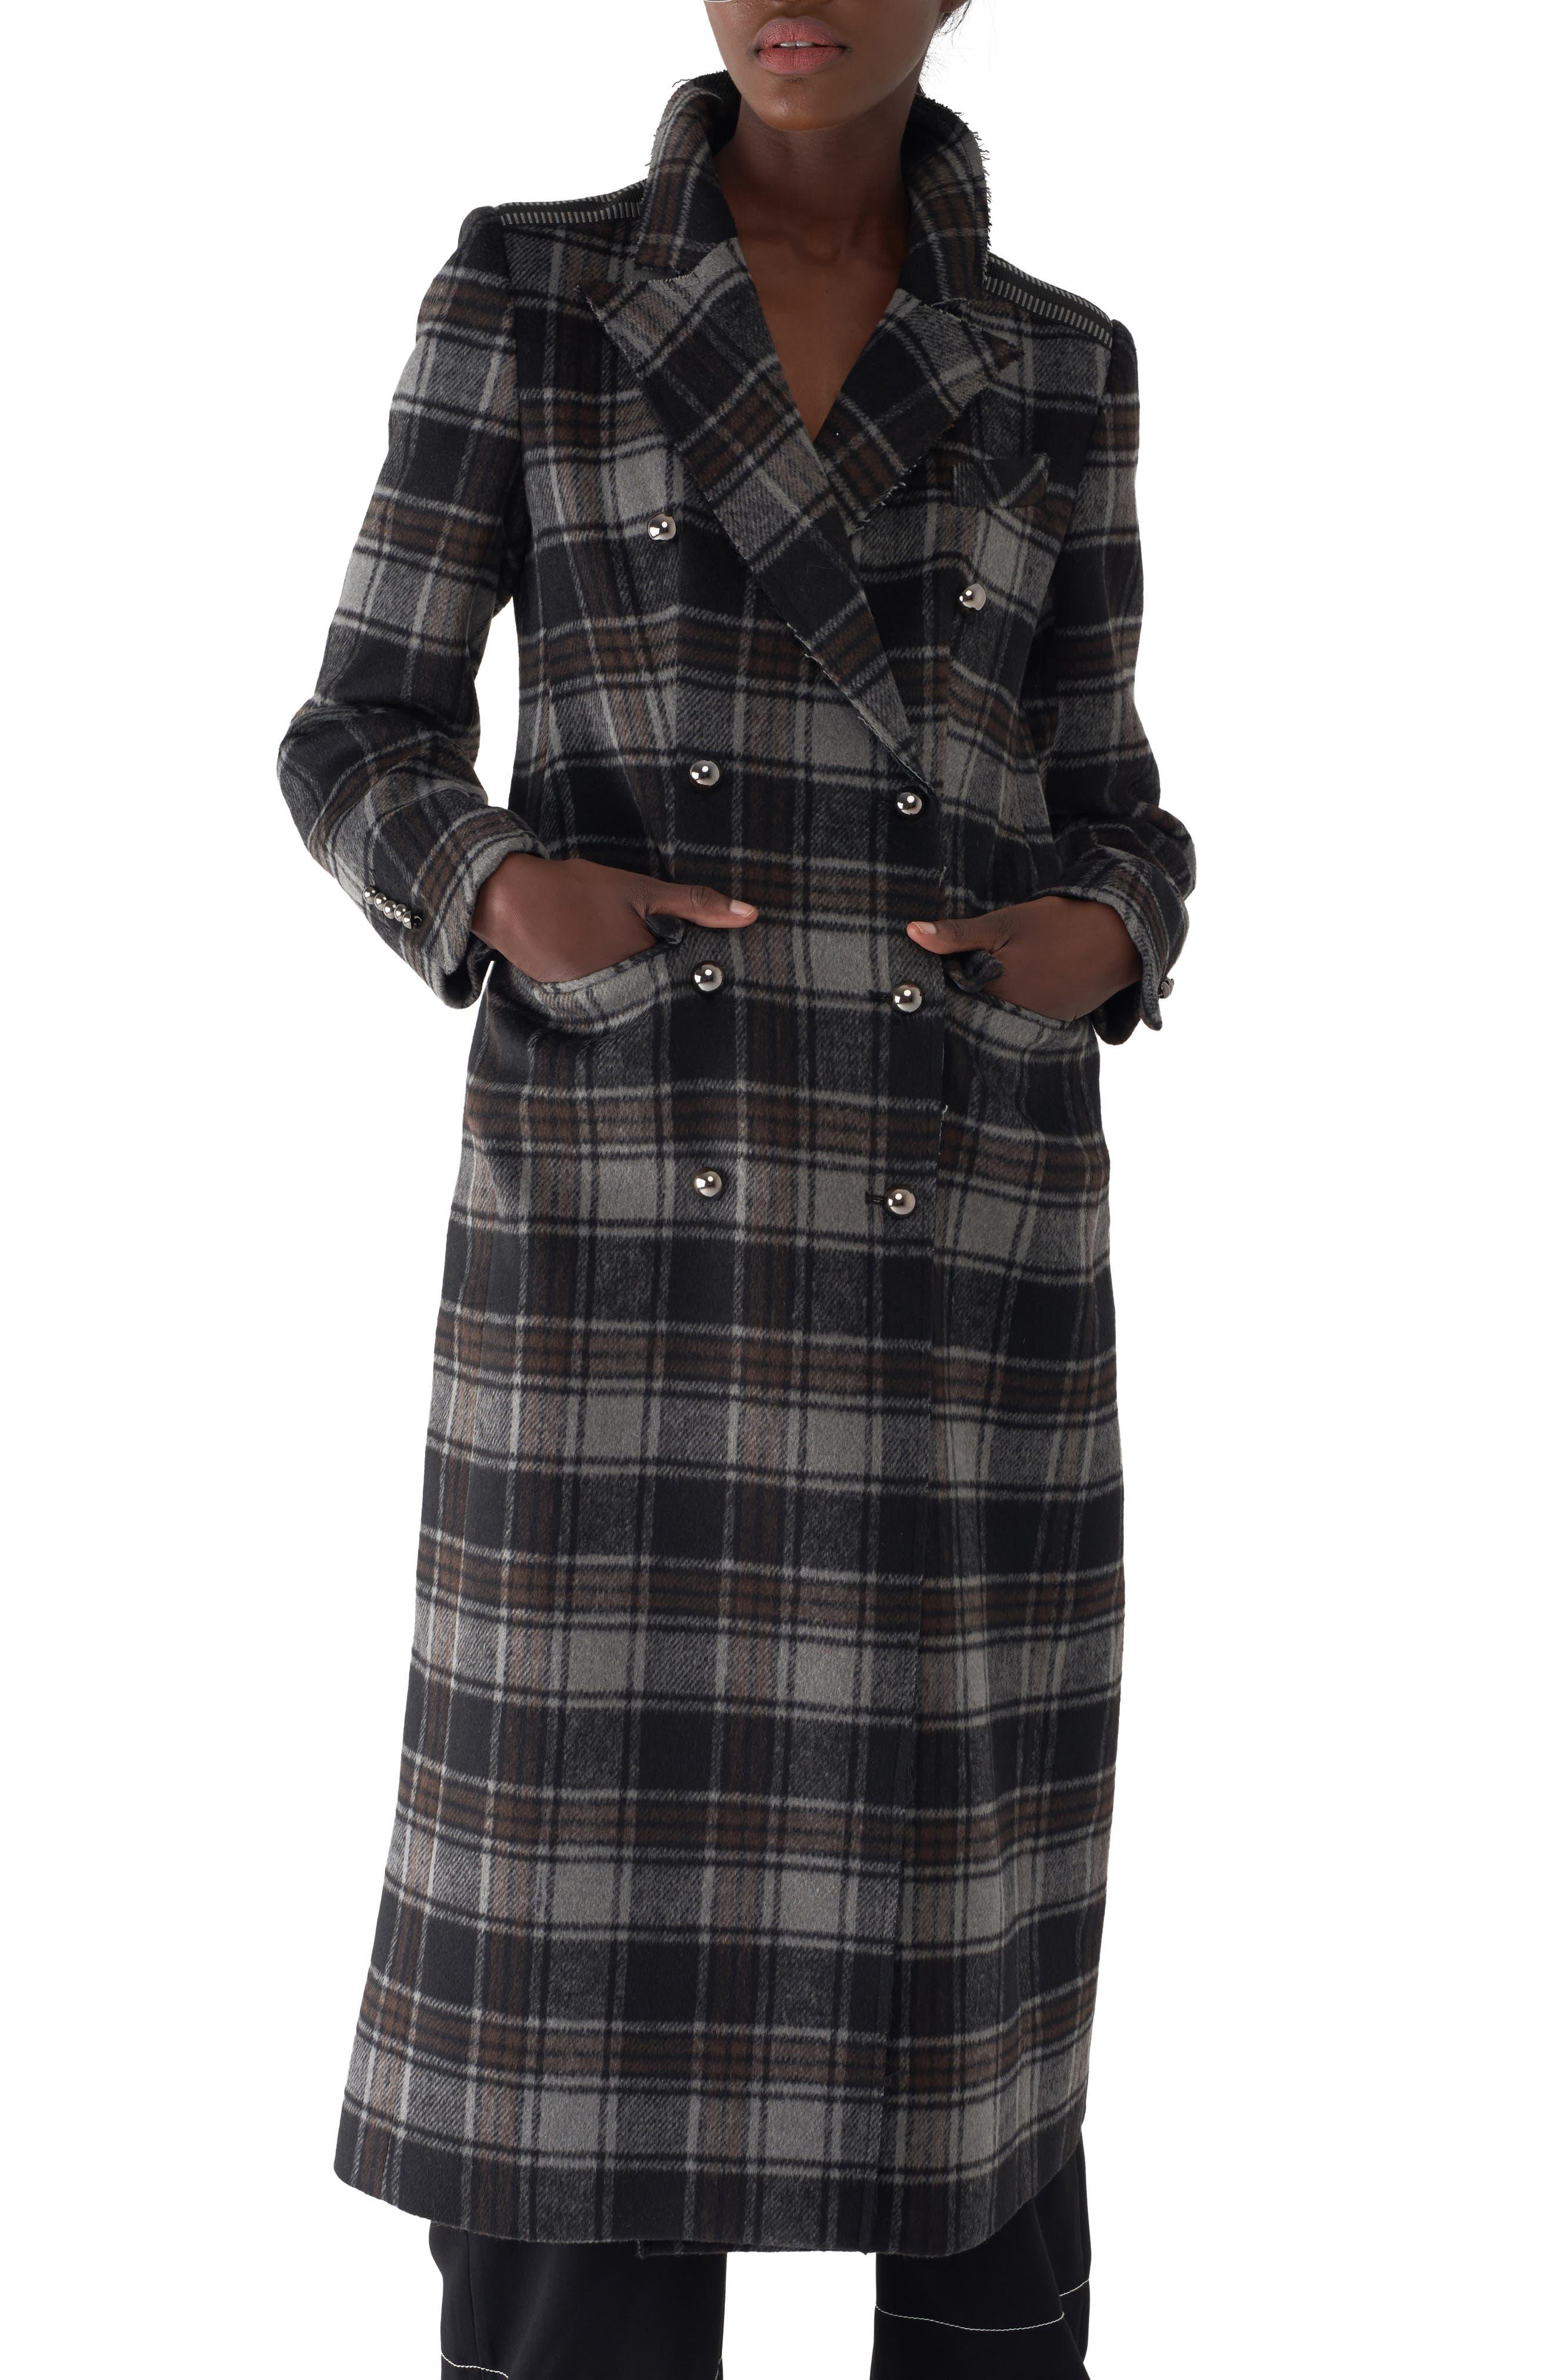 Gin Twill Check Long Coat,                             Main thumbnail 1, color,                             BROWN/ BLACK